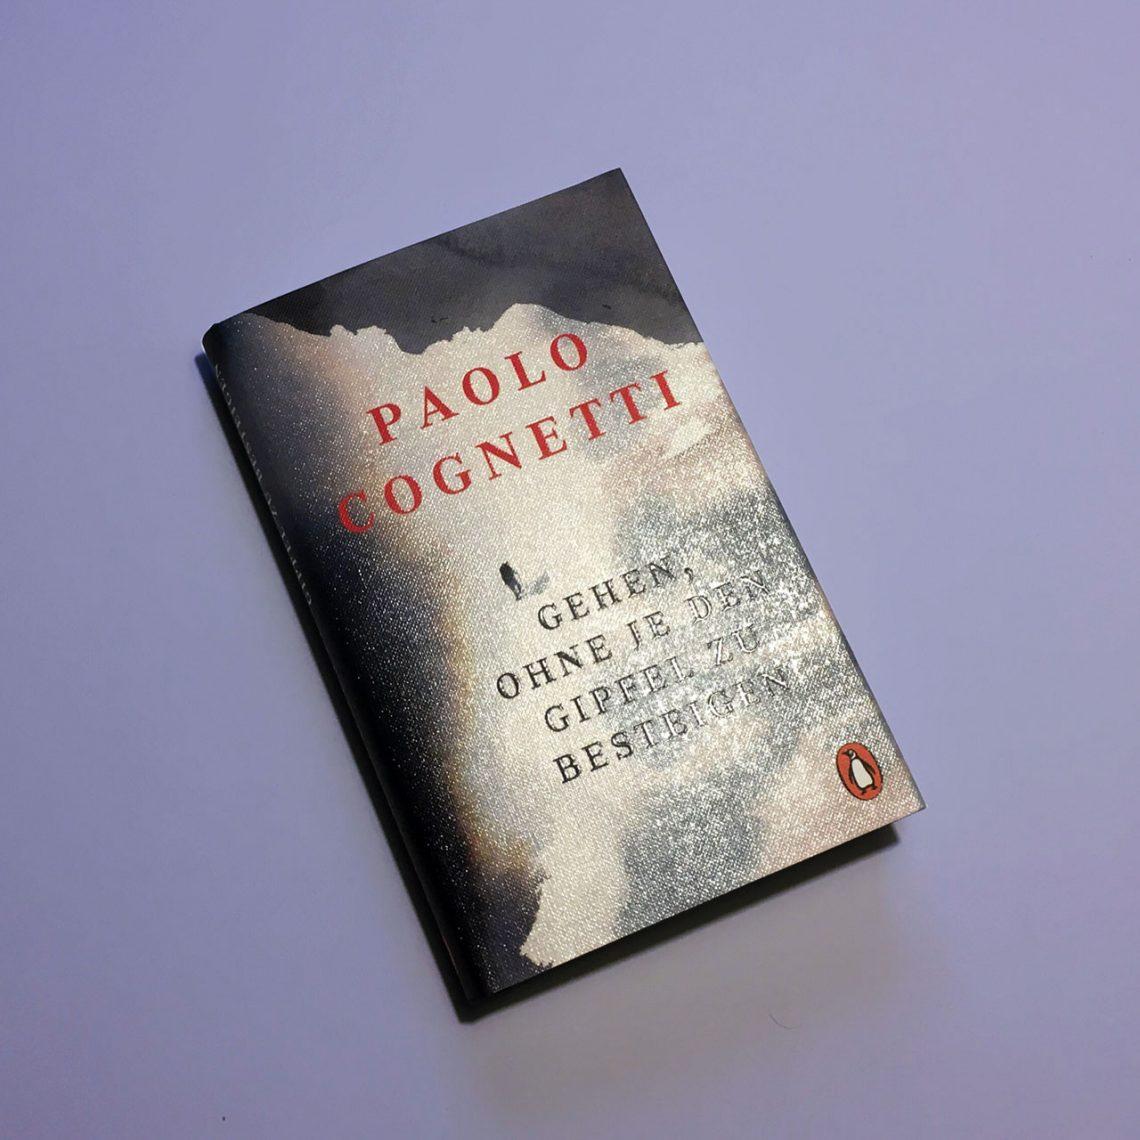 """Paolo Cognetti """"Gehen, ohne je den Gipfel zu besteigen"""", Einband © Penguin Verlag, 2019"""